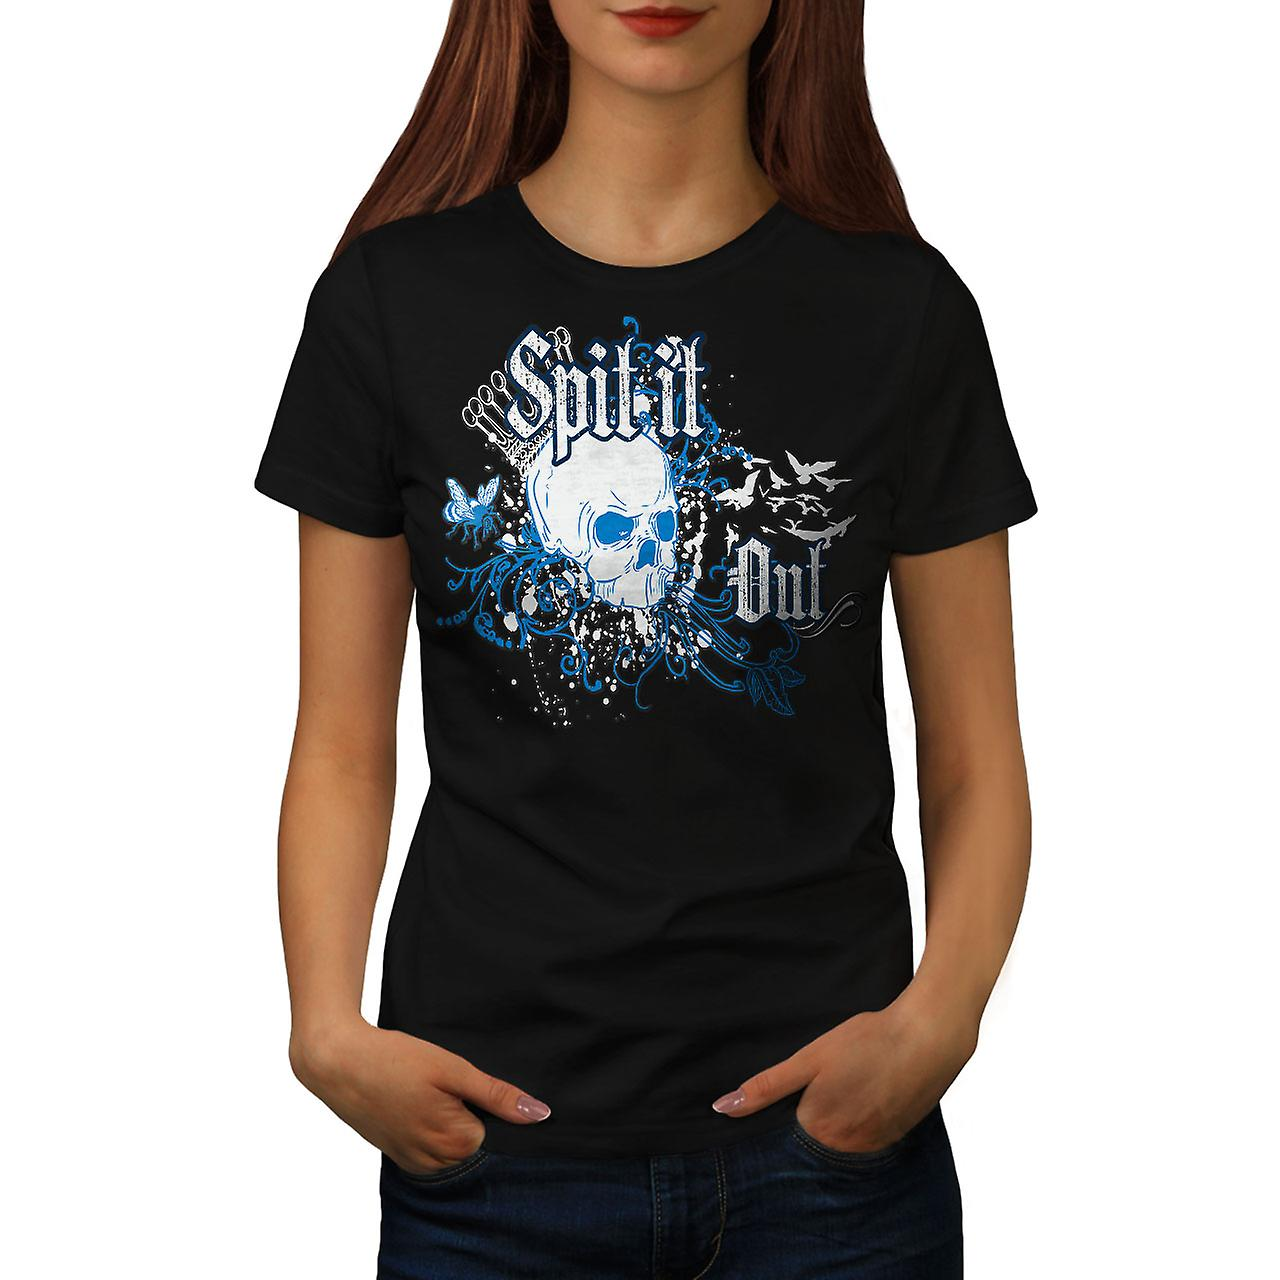 Spit It Out Queen Skull Women Black T-shirt | Wellcoda